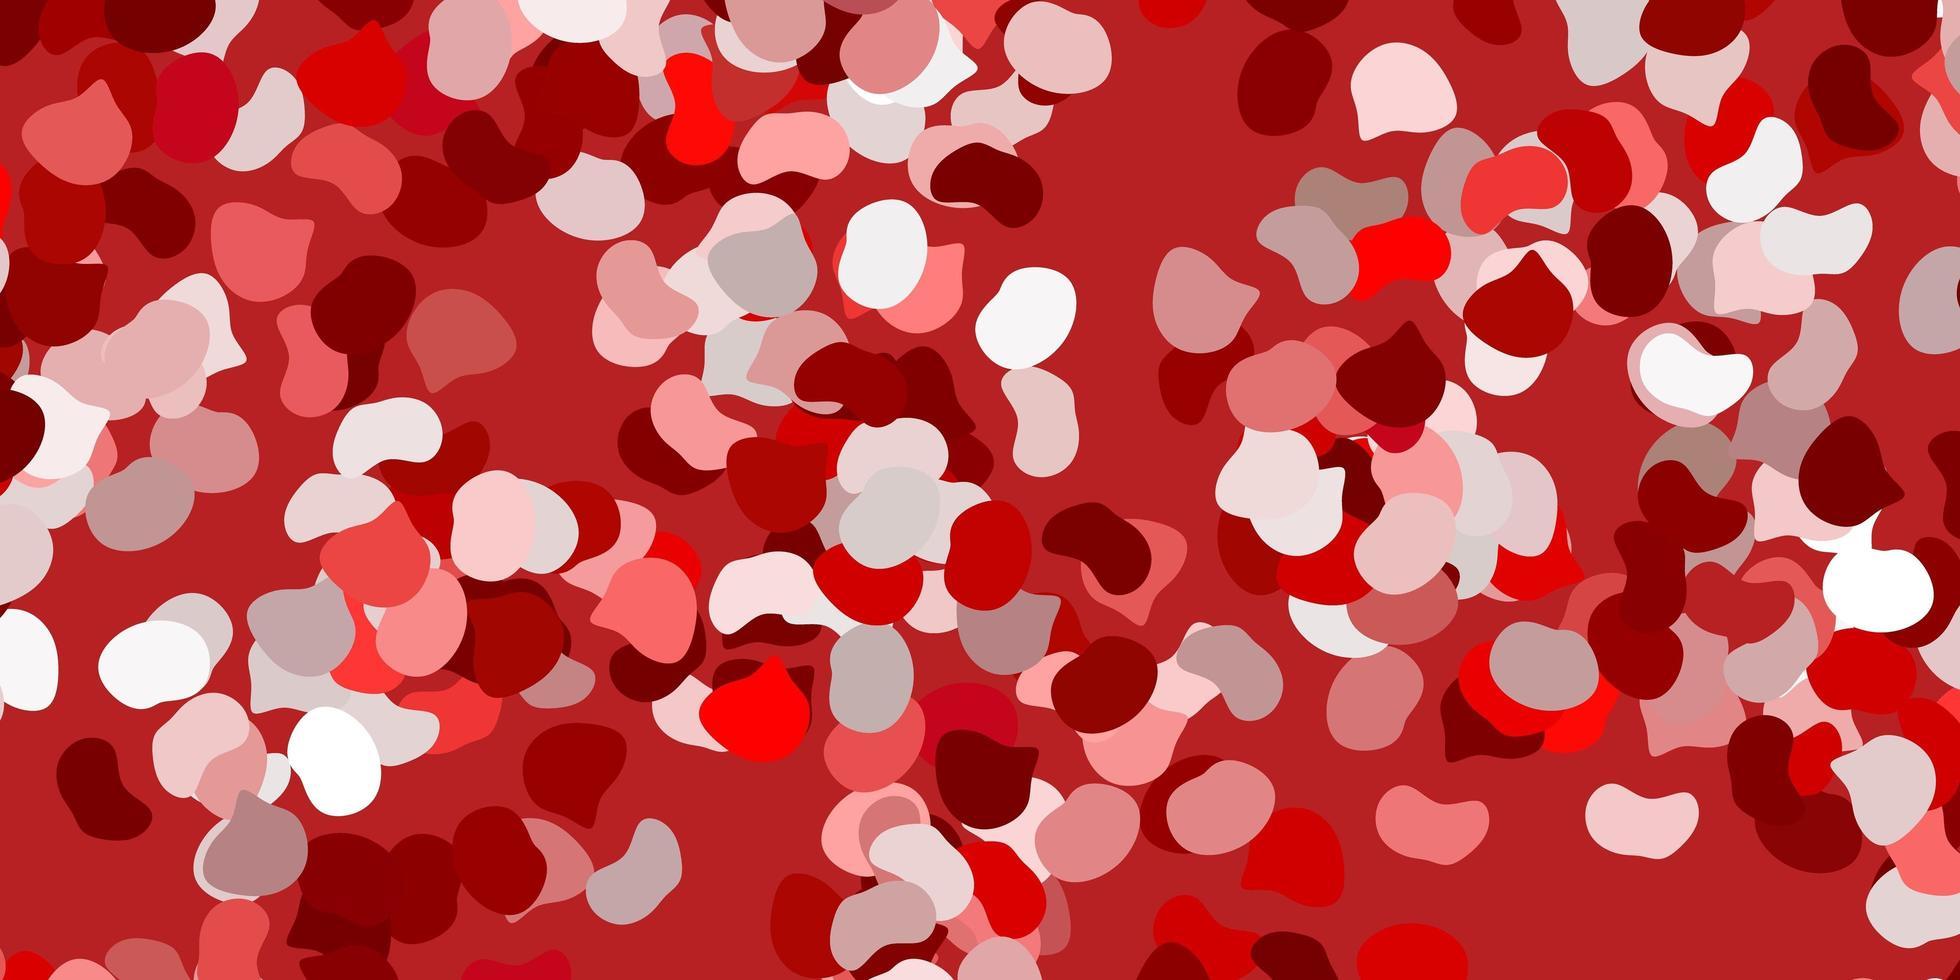 modelo vermelho com formas abstratas. vetor